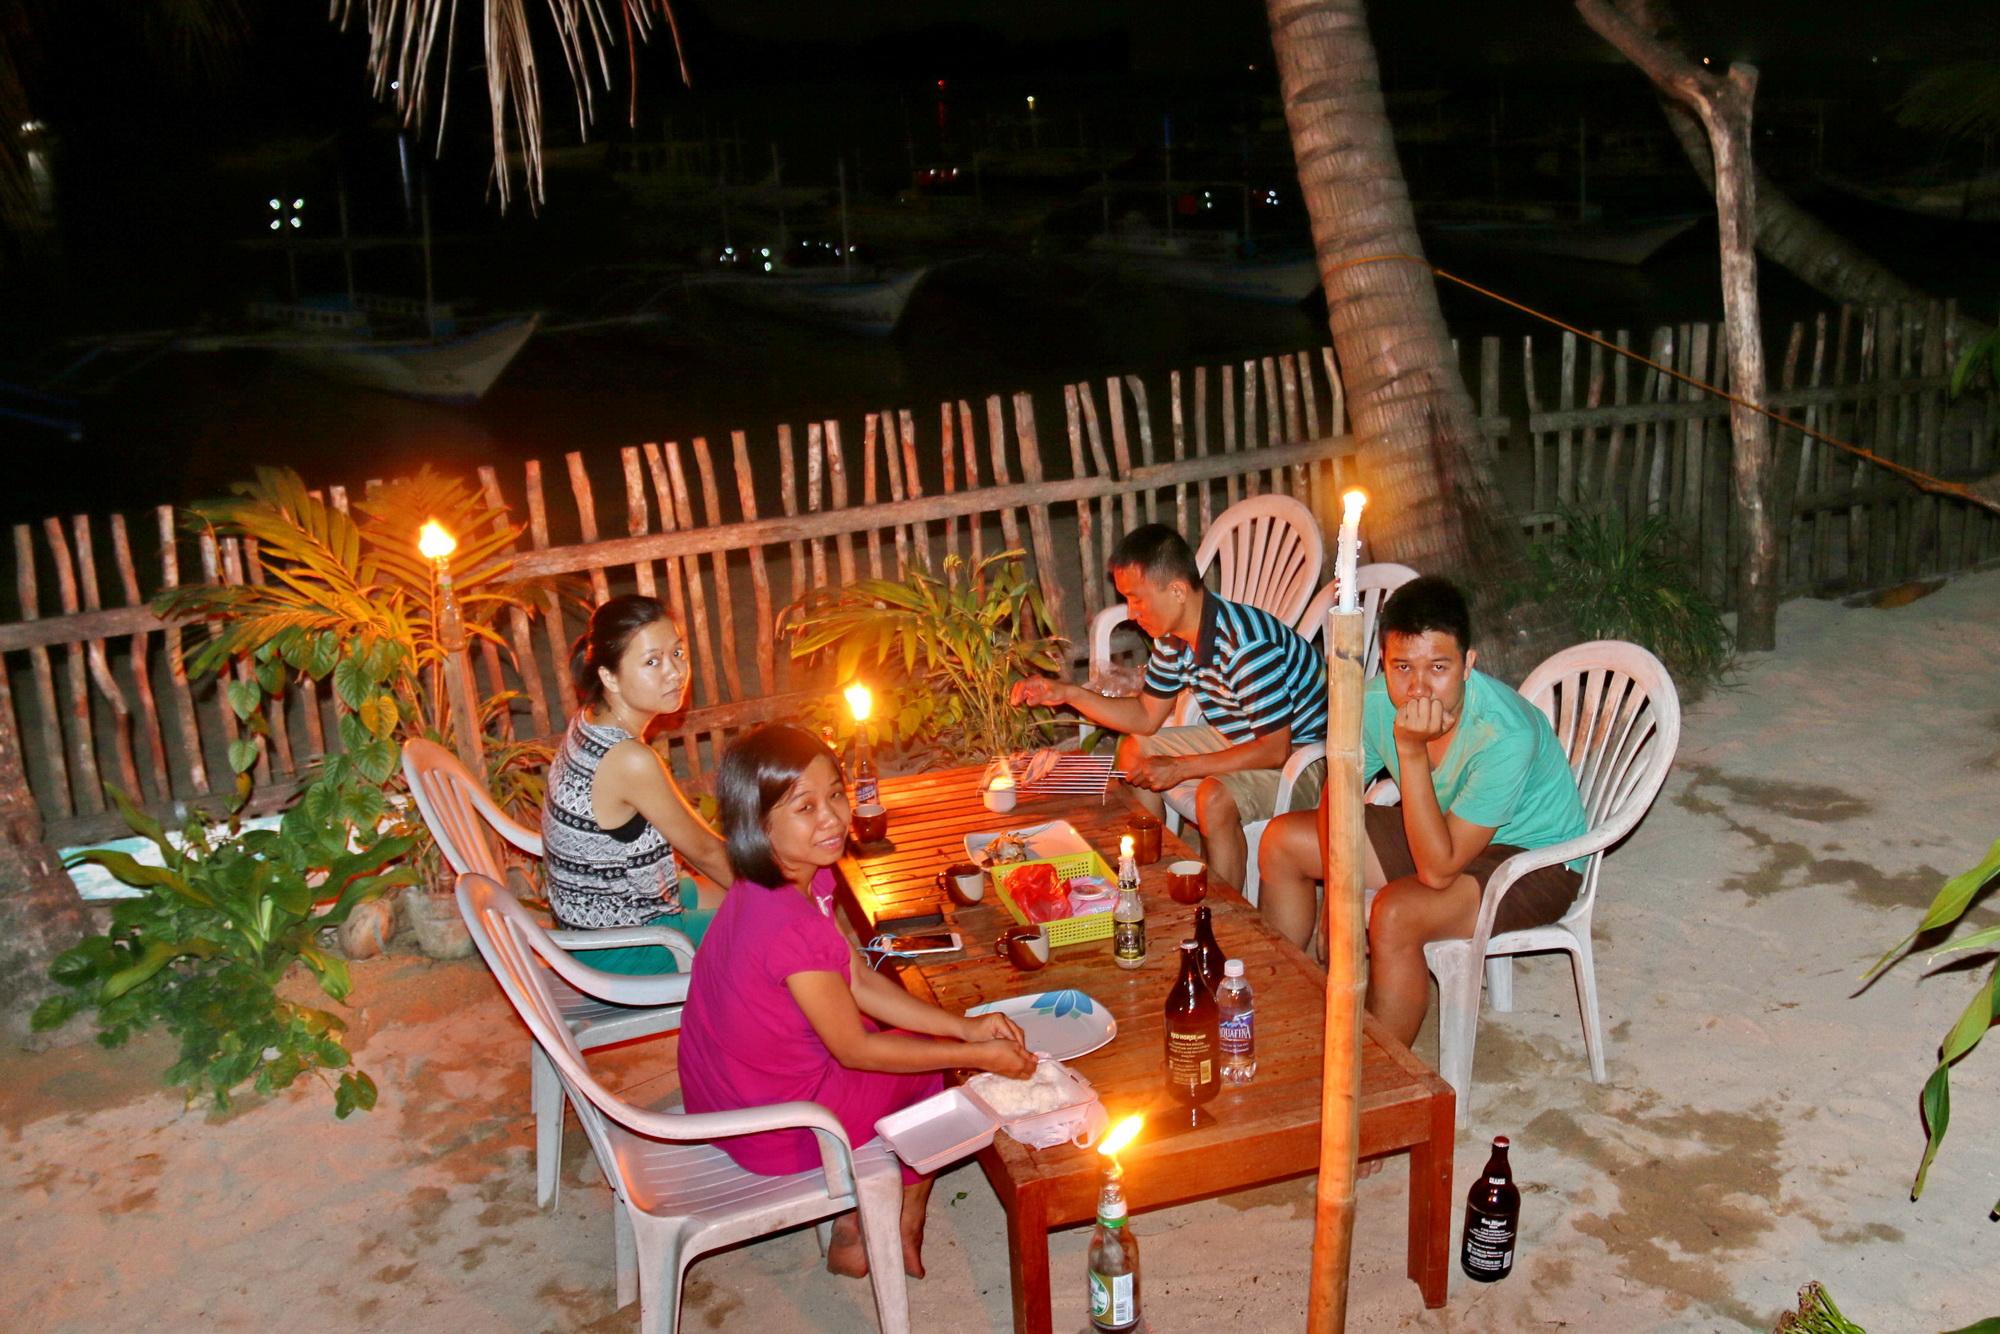 Sang Philippines vẫy vùng trên biển El Nido - Ảnh 6.